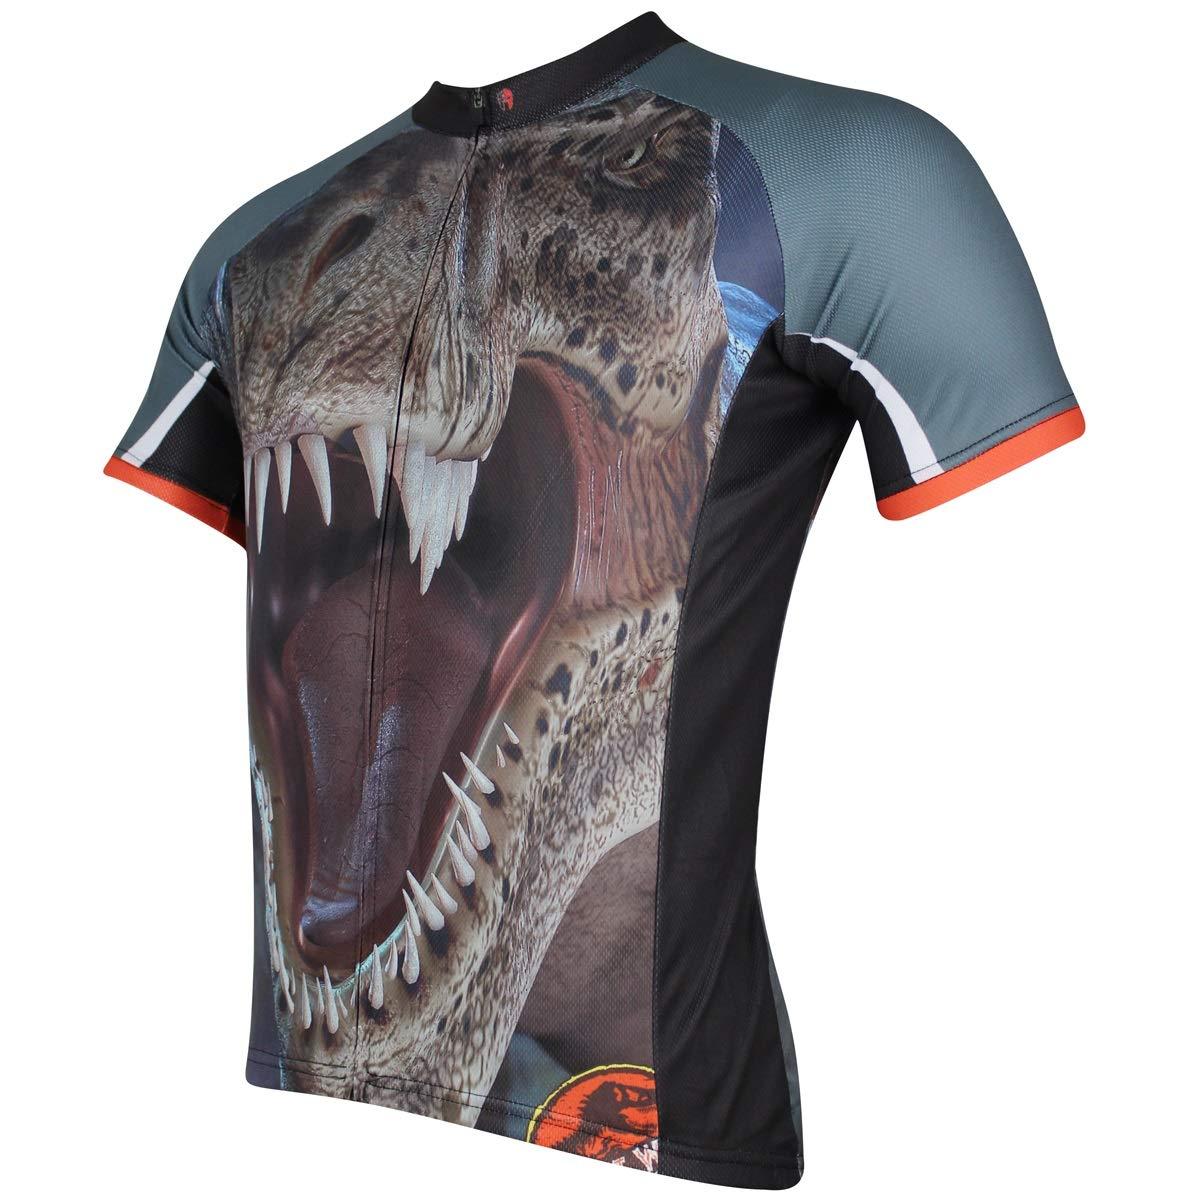 Fahrrad Reitanzug Sommer Gut aussehende Dinosaurier Muster Herren Jersey Leichte Quick Dry Bike Jersey Fahrradtrikot LPLHJD